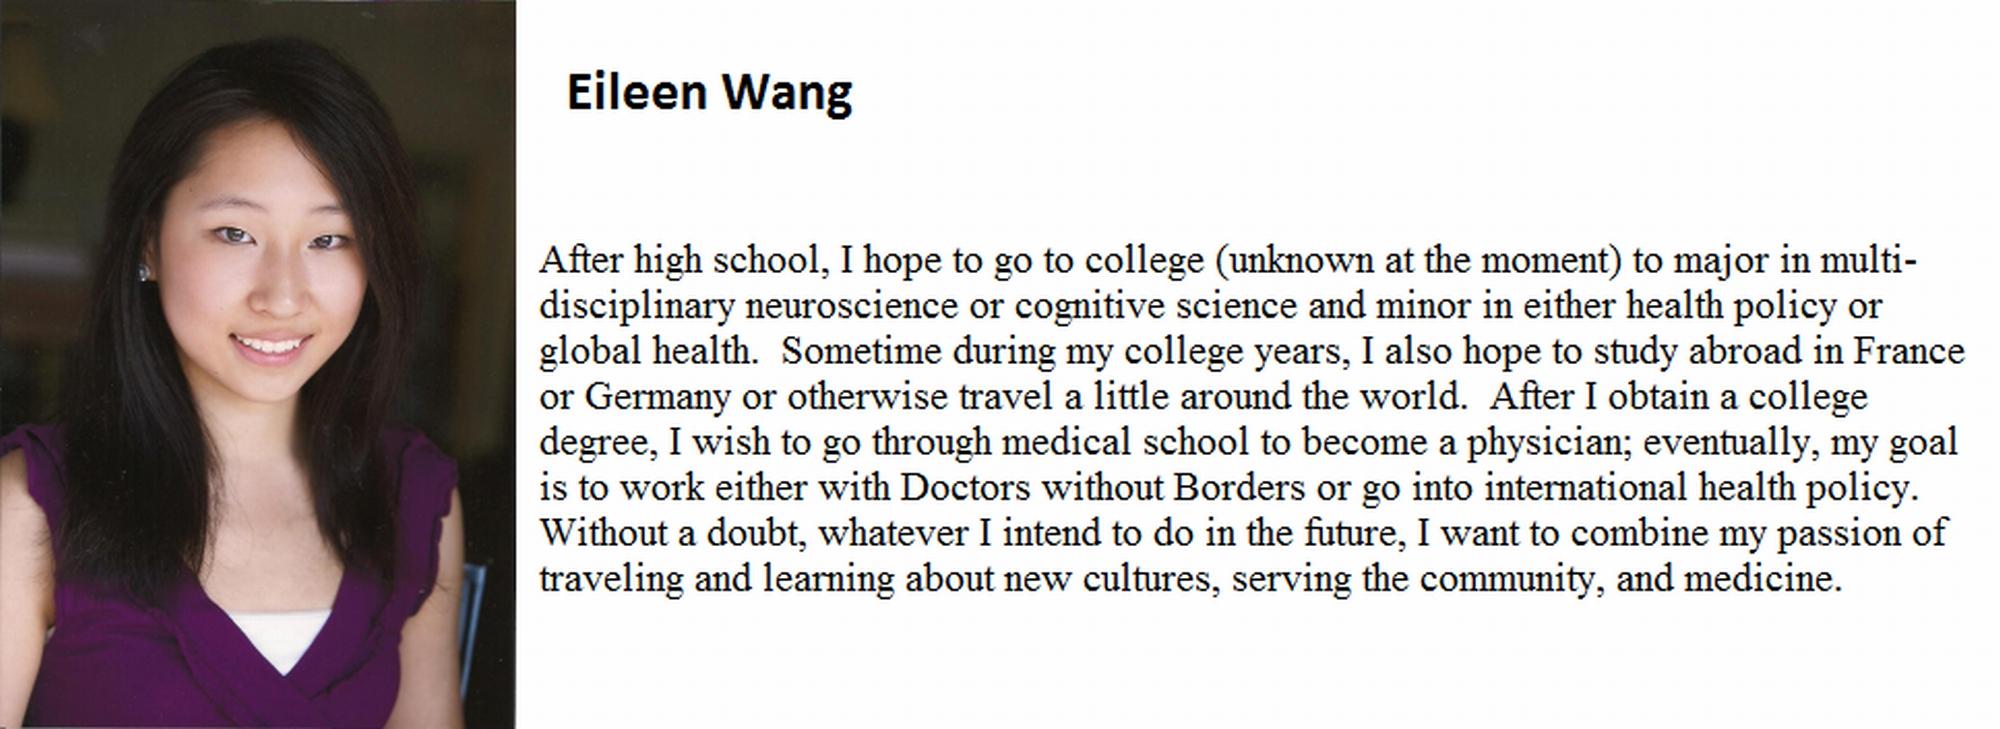 Eileen_Wang_Bio